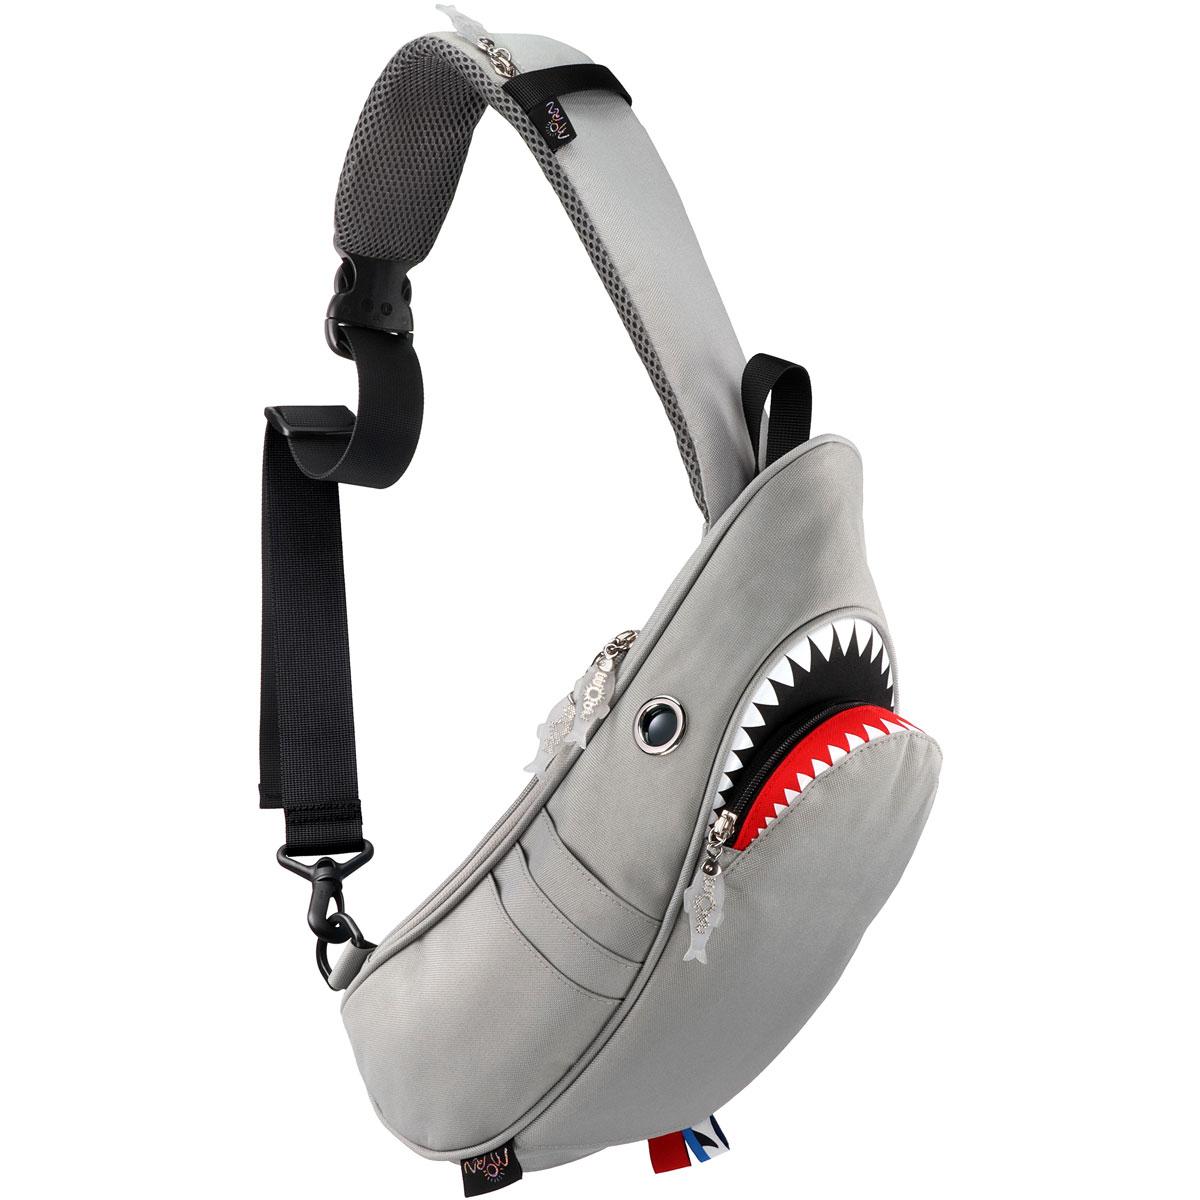 ウエストポーチ モーンクリエイションズ シャークスリングバッグ 5L 2019新作 収納スペースは全部で10ヶ所! ファスナー付きポケット ウエストバッグ ウエストバック MORN CREATIONS サメバッグ シャークバッグ グレー